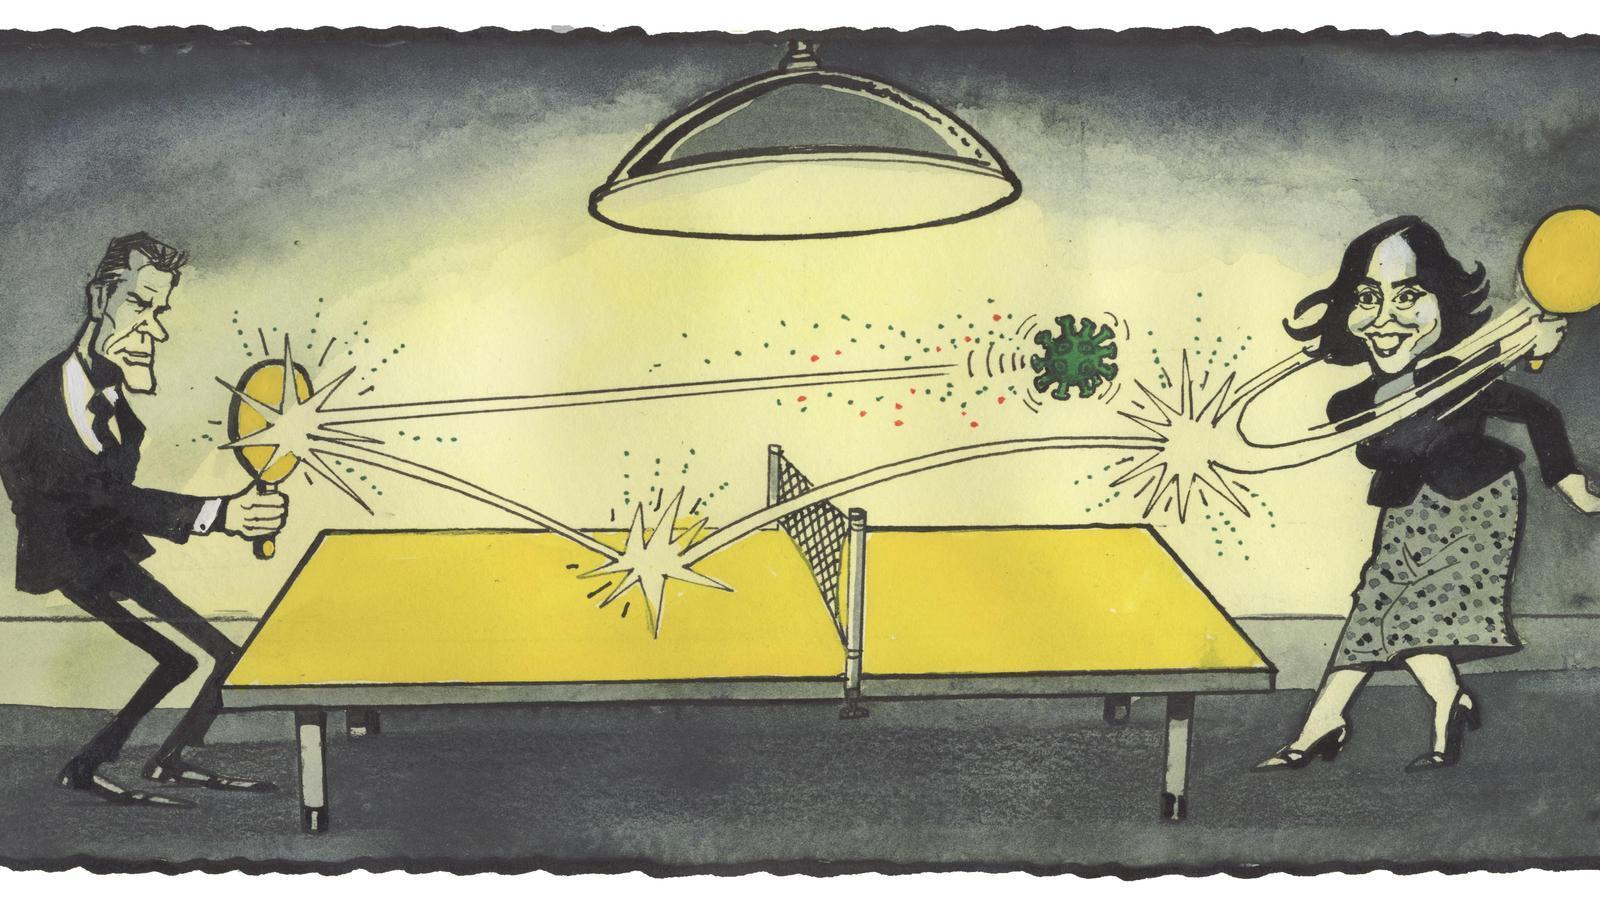 'A la contra', per Ferreres (04/10/2020)